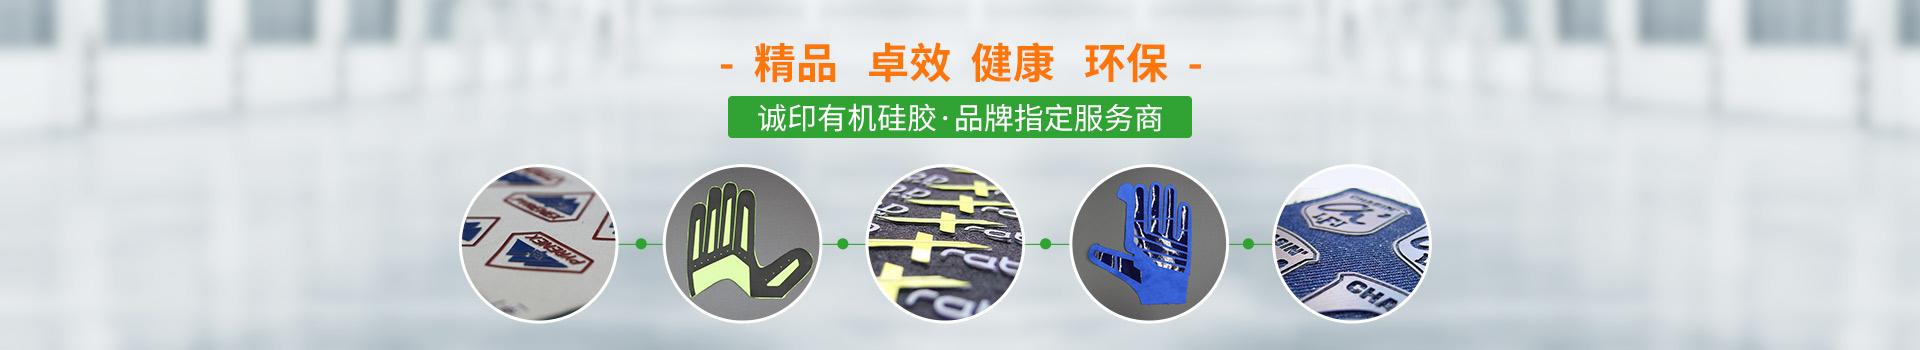 诚印有机硅胶,品牌指定服务商